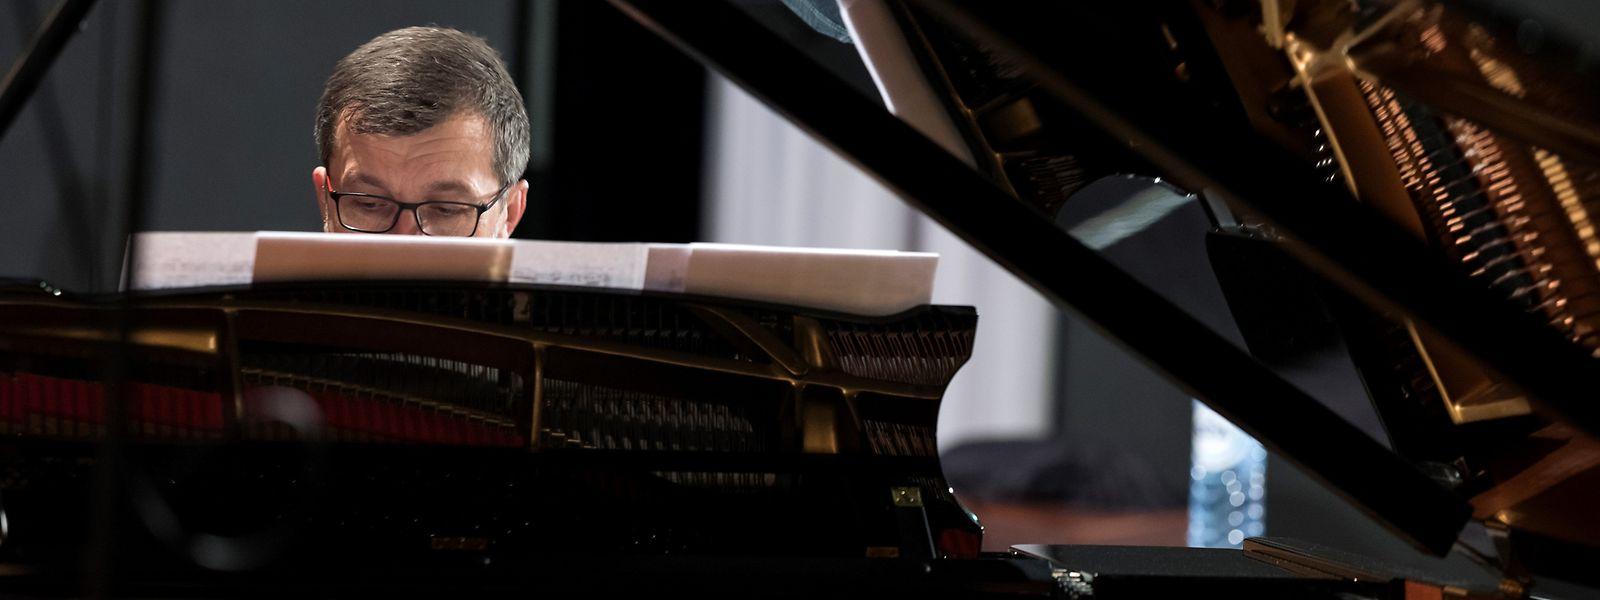 Pianist Claude Weber beschäftigt sich seit 20 Jahren mit der Luxemburger Komponistin Helen Buchholtz.